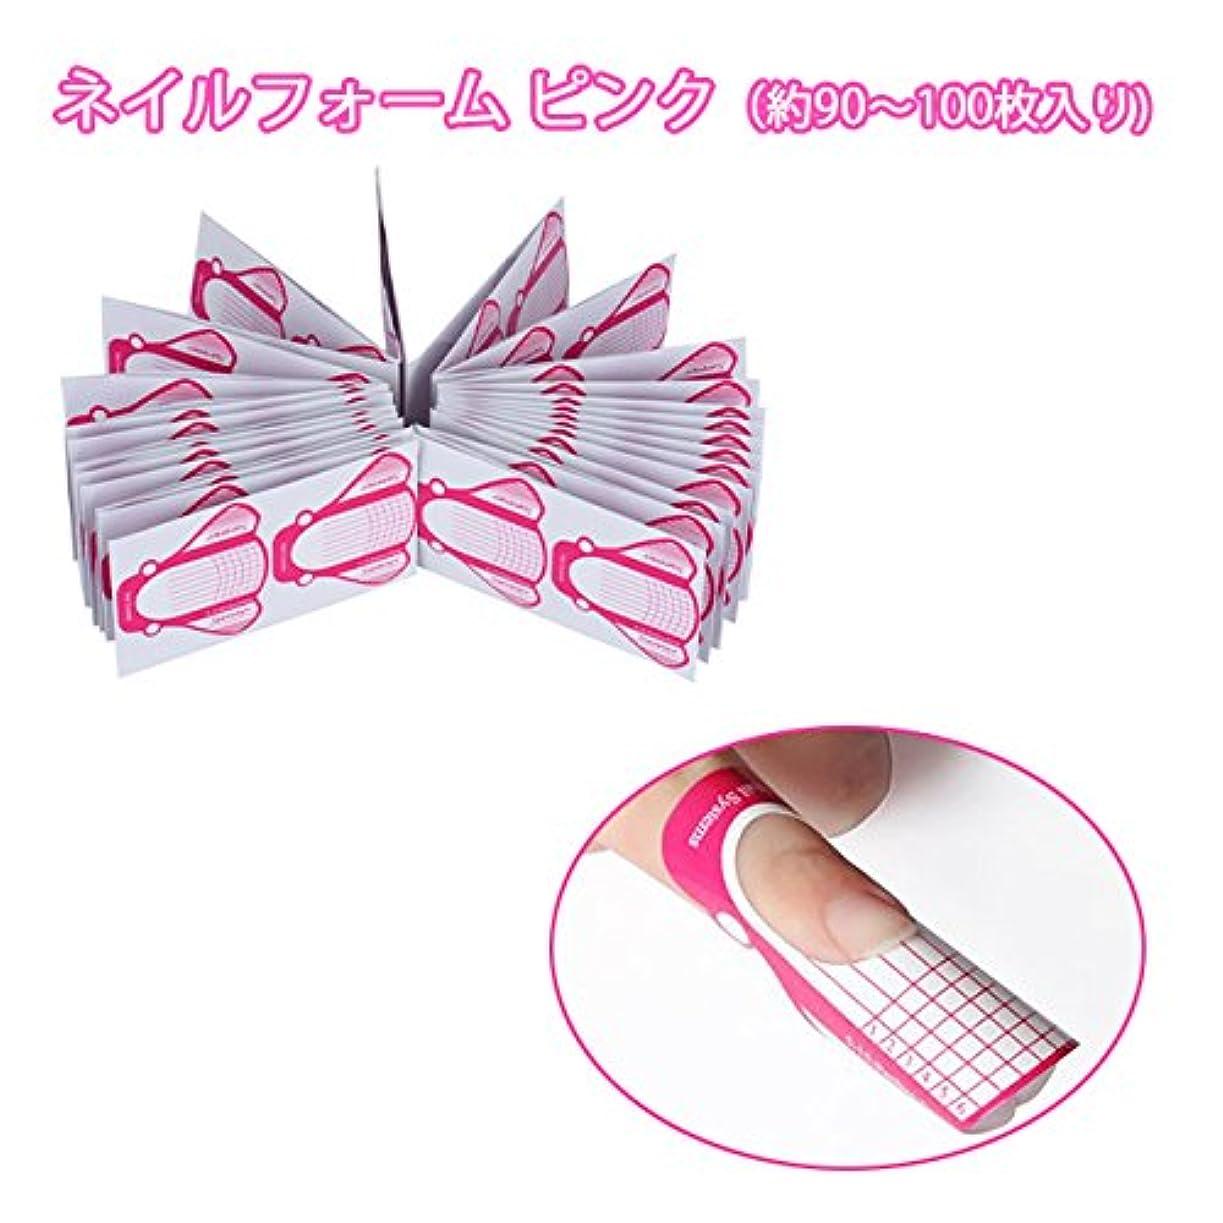 考える霧乱れネイルフォーム ピンク(約90~100枚入り)